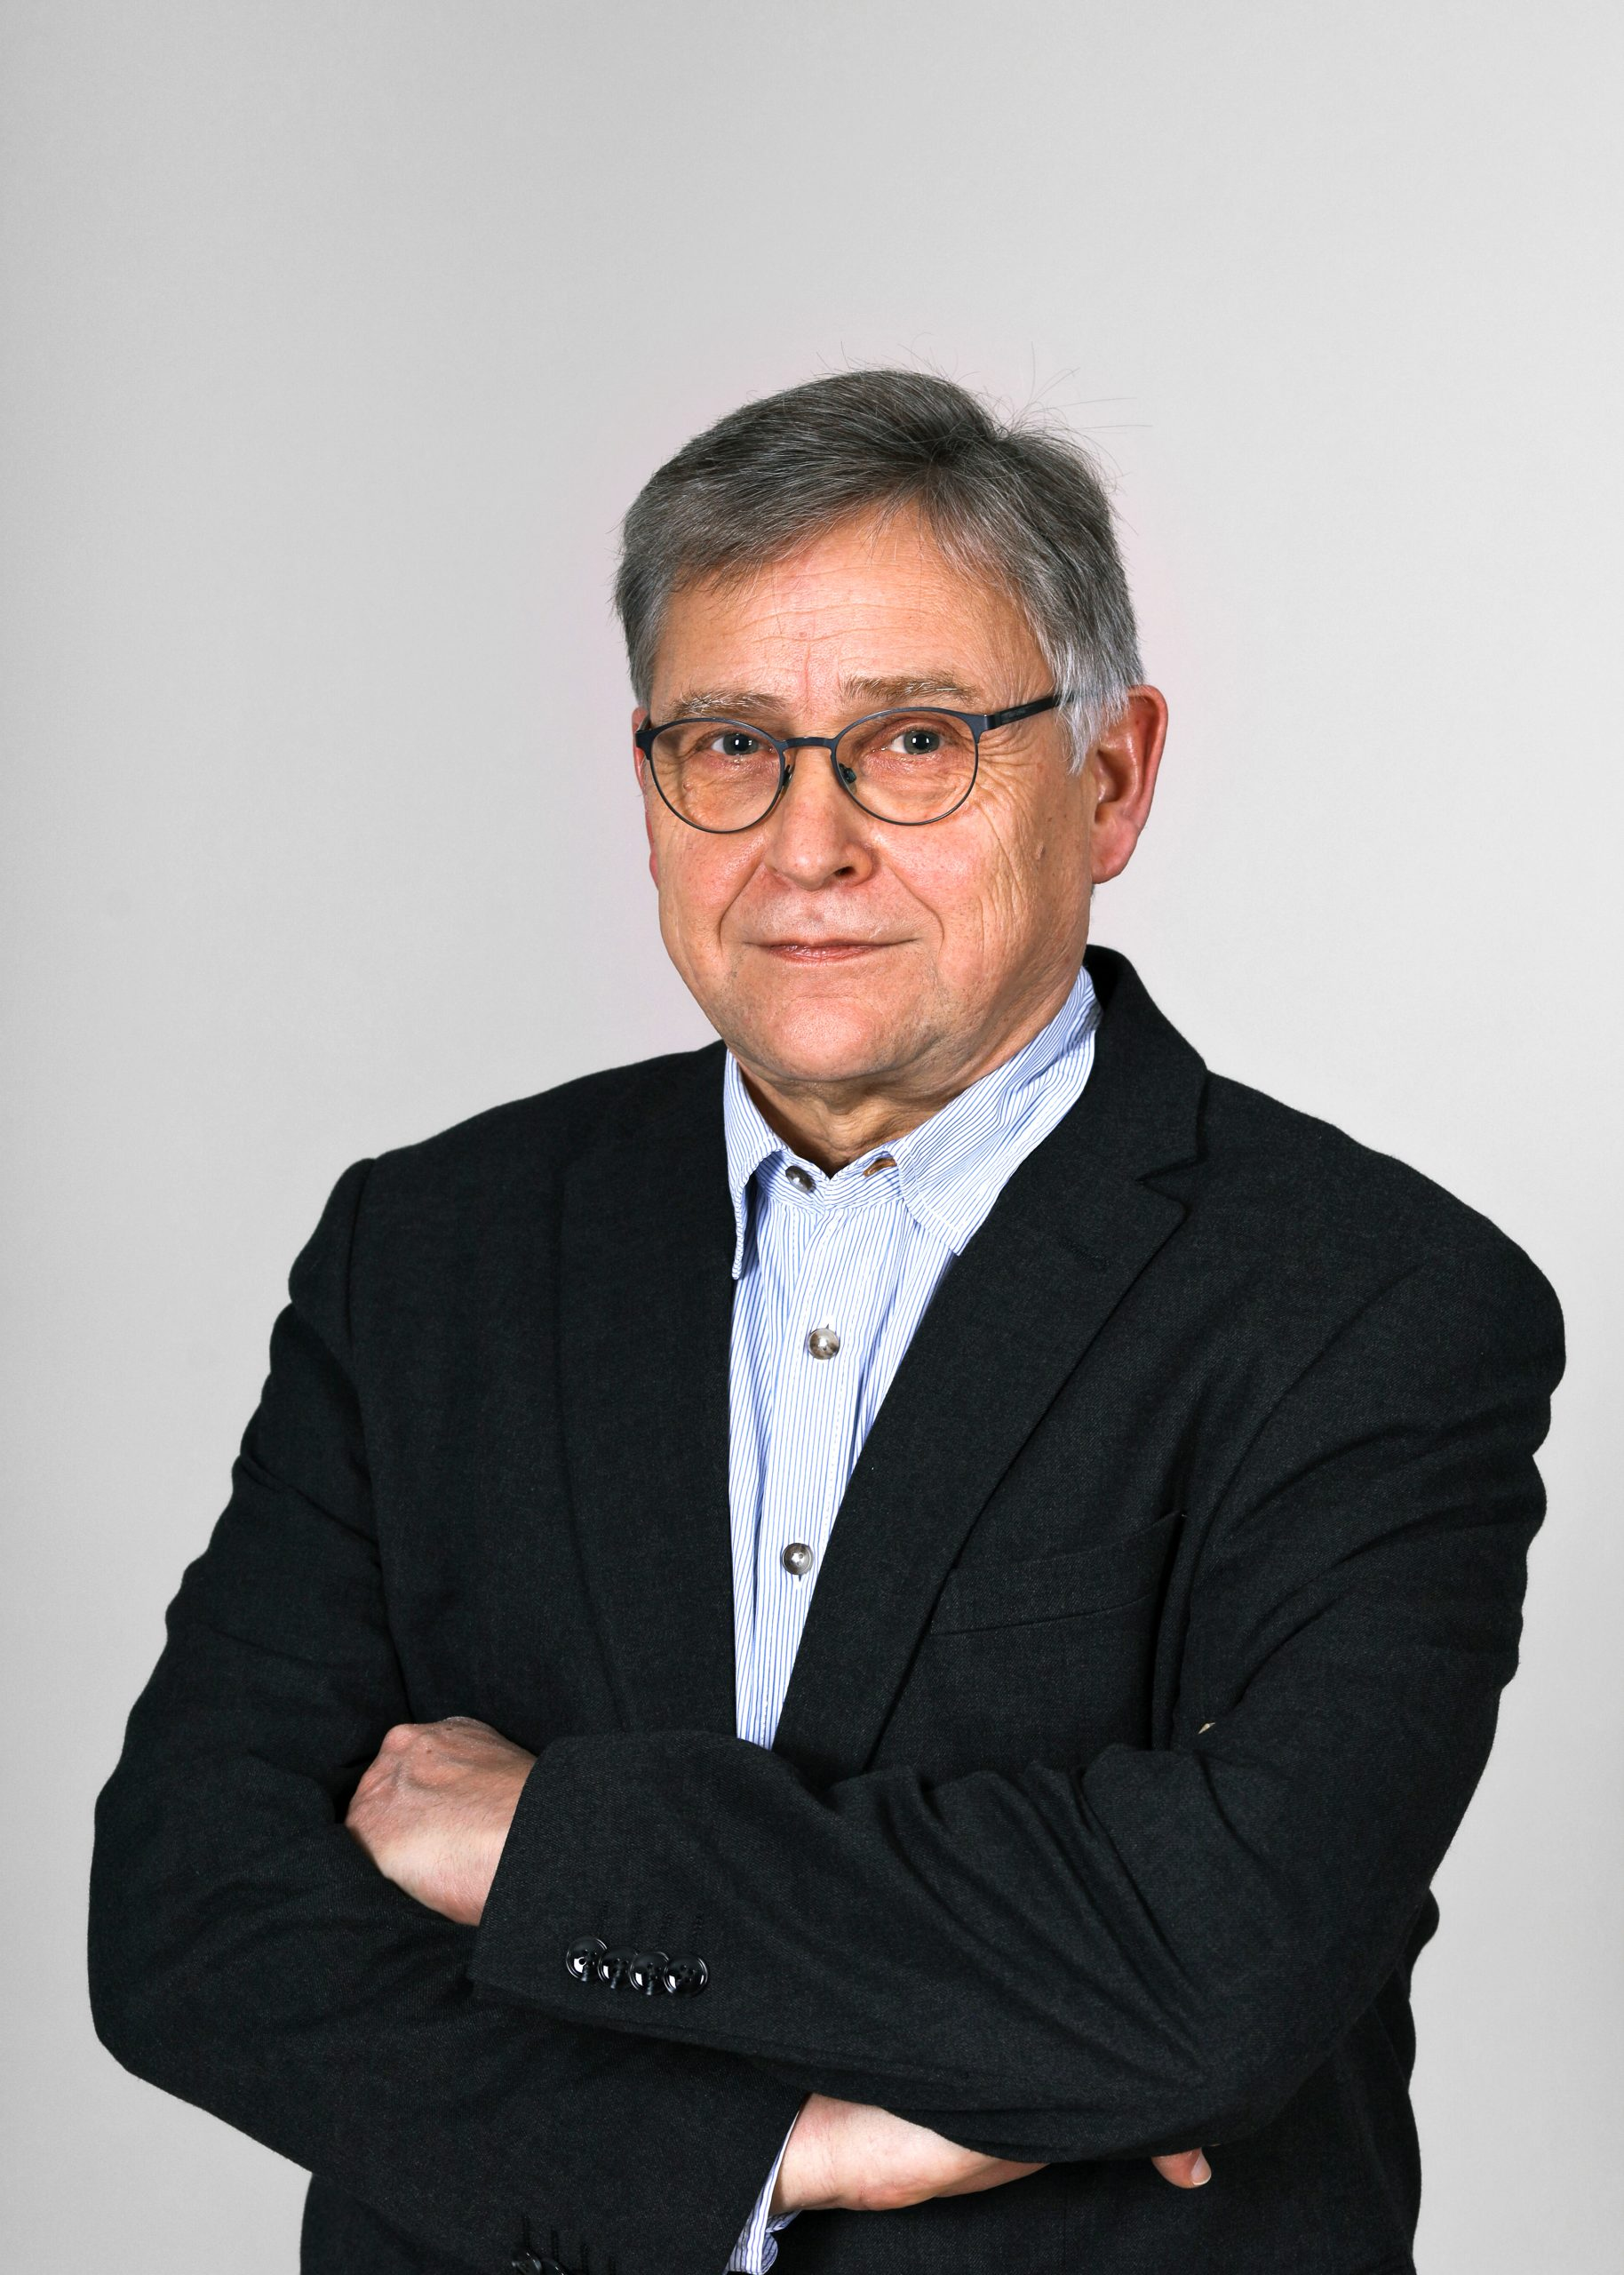 Helmut Schneider